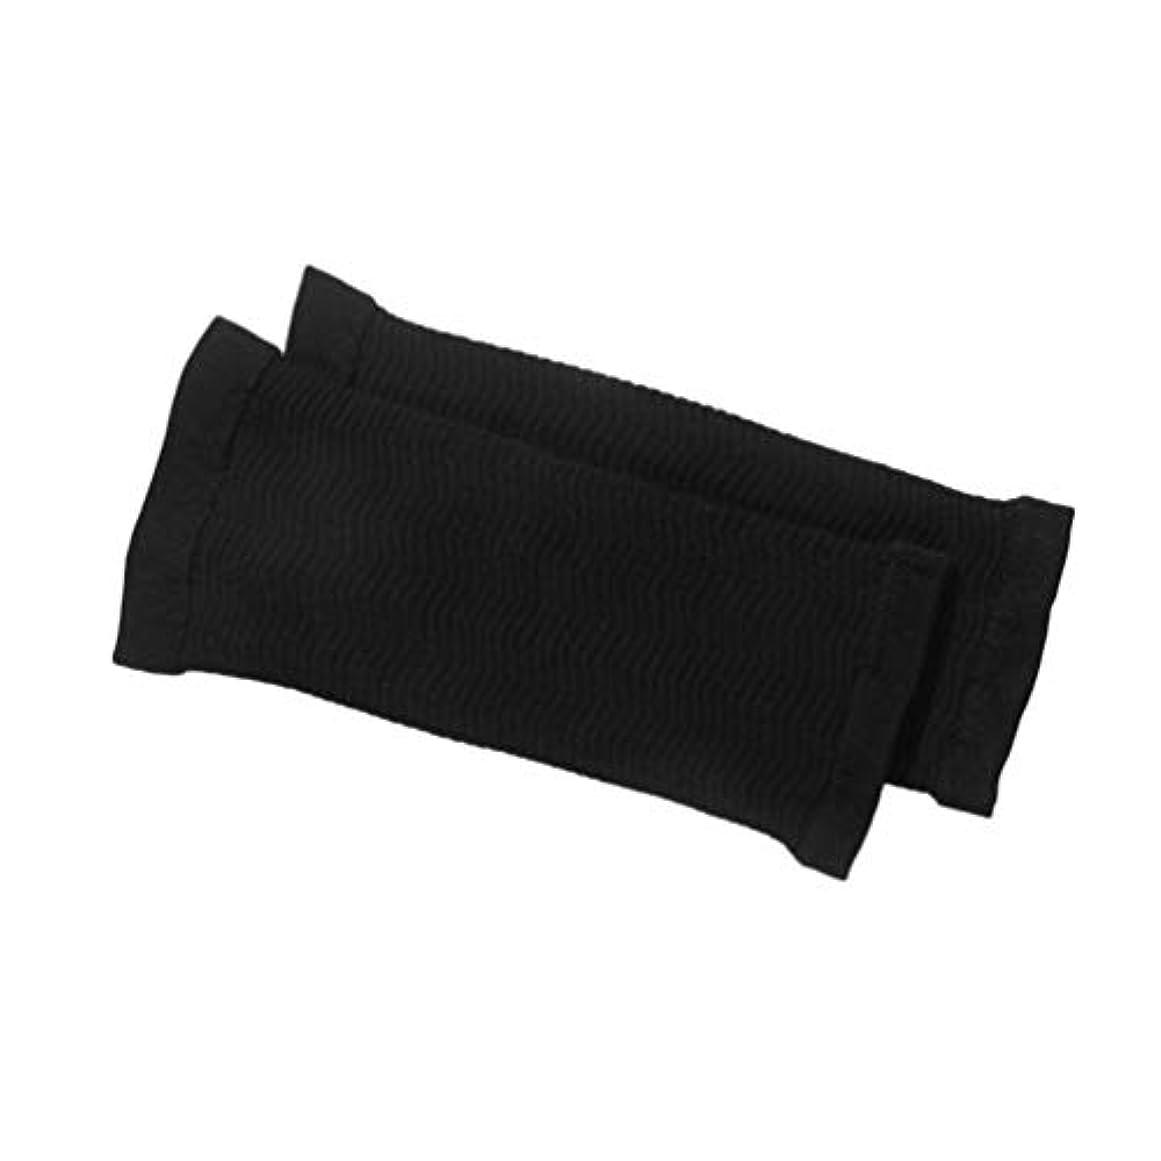 かわす沿って市長1ペア420 D圧縮痩身アームスリーブワークアウトトーニングバーンセルライトシェイパー脂肪燃焼袖用女性 - 黒